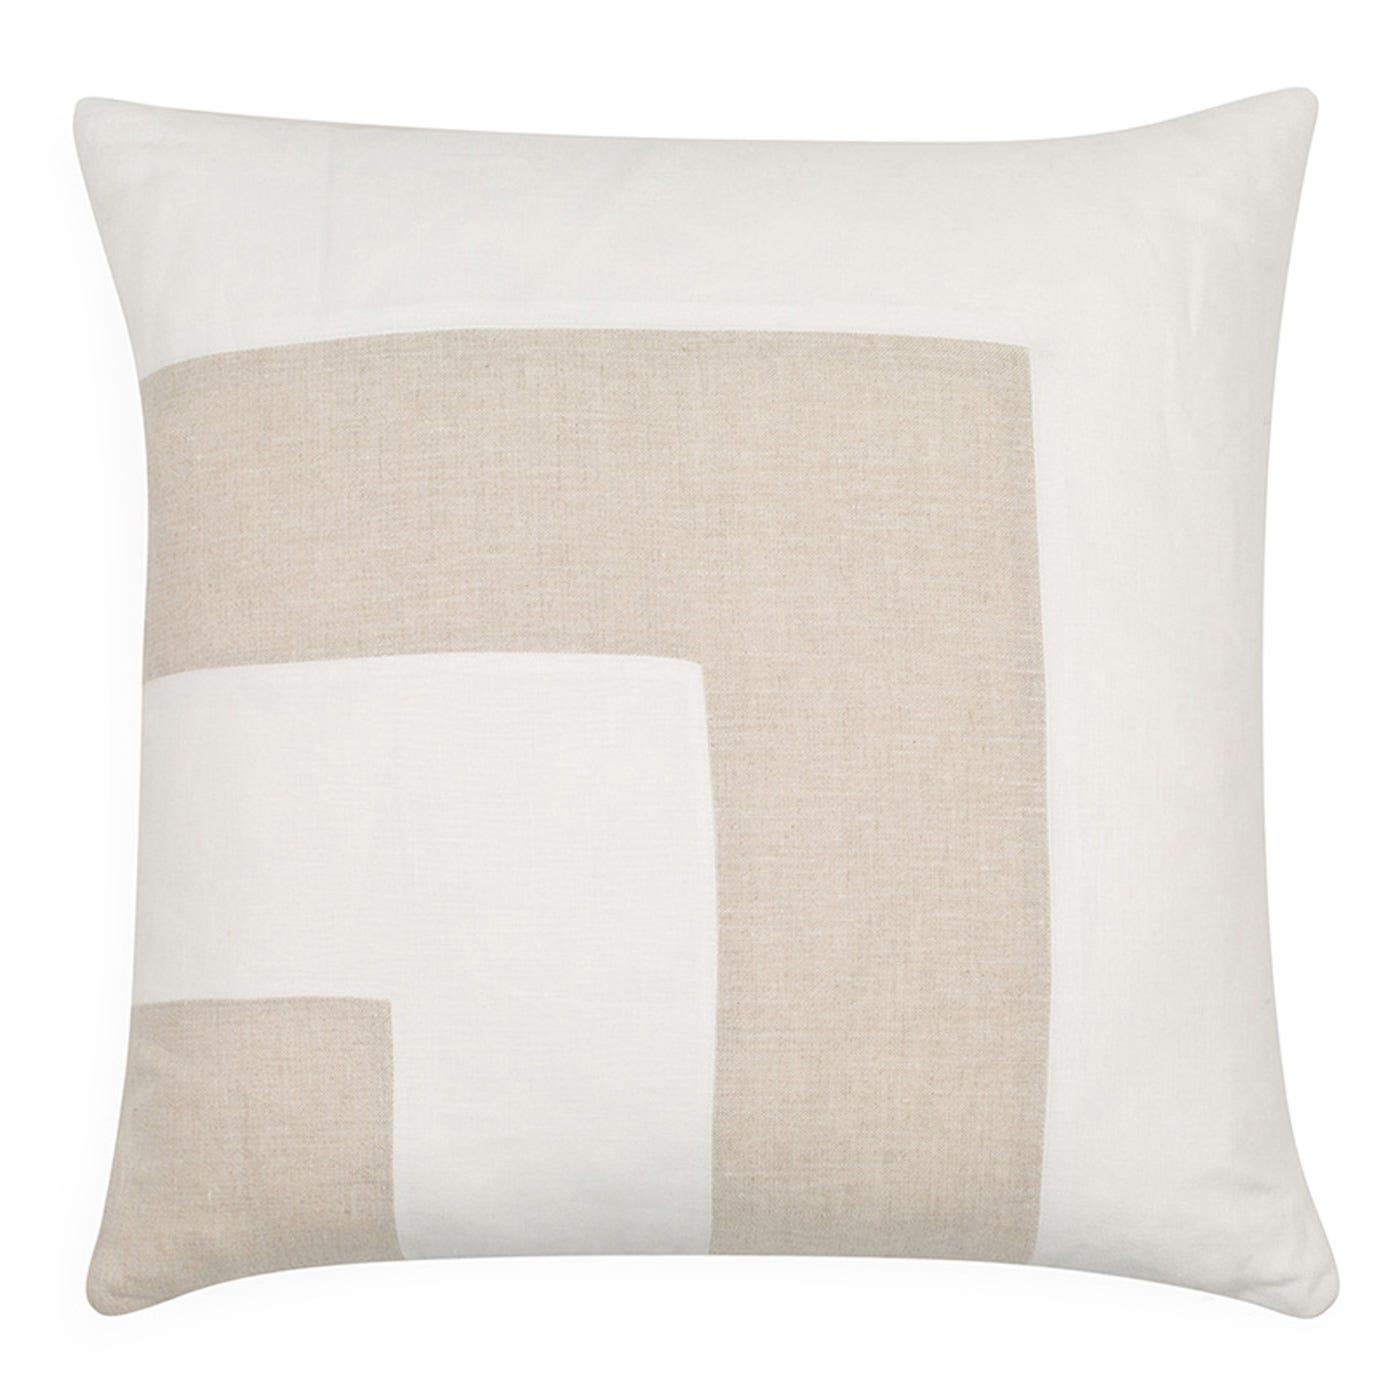 Erina Linen Cushion